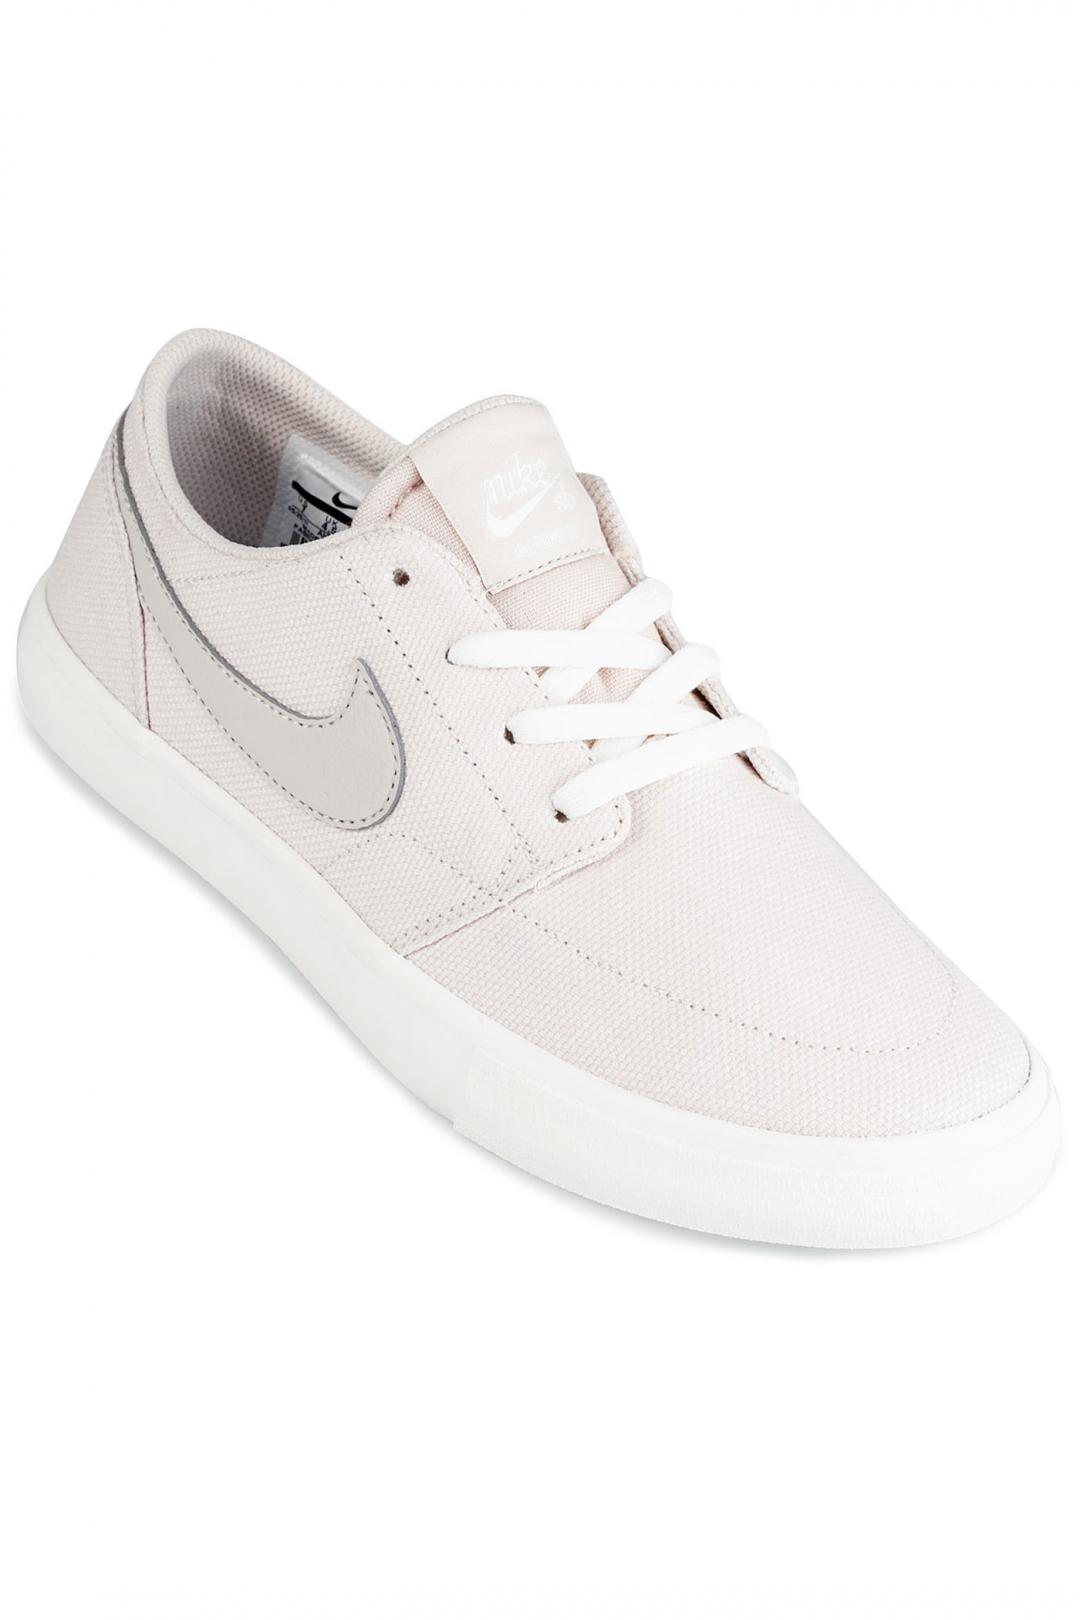 Donna Nike SB Solarsoft Portmore II desert sand | Sneaker